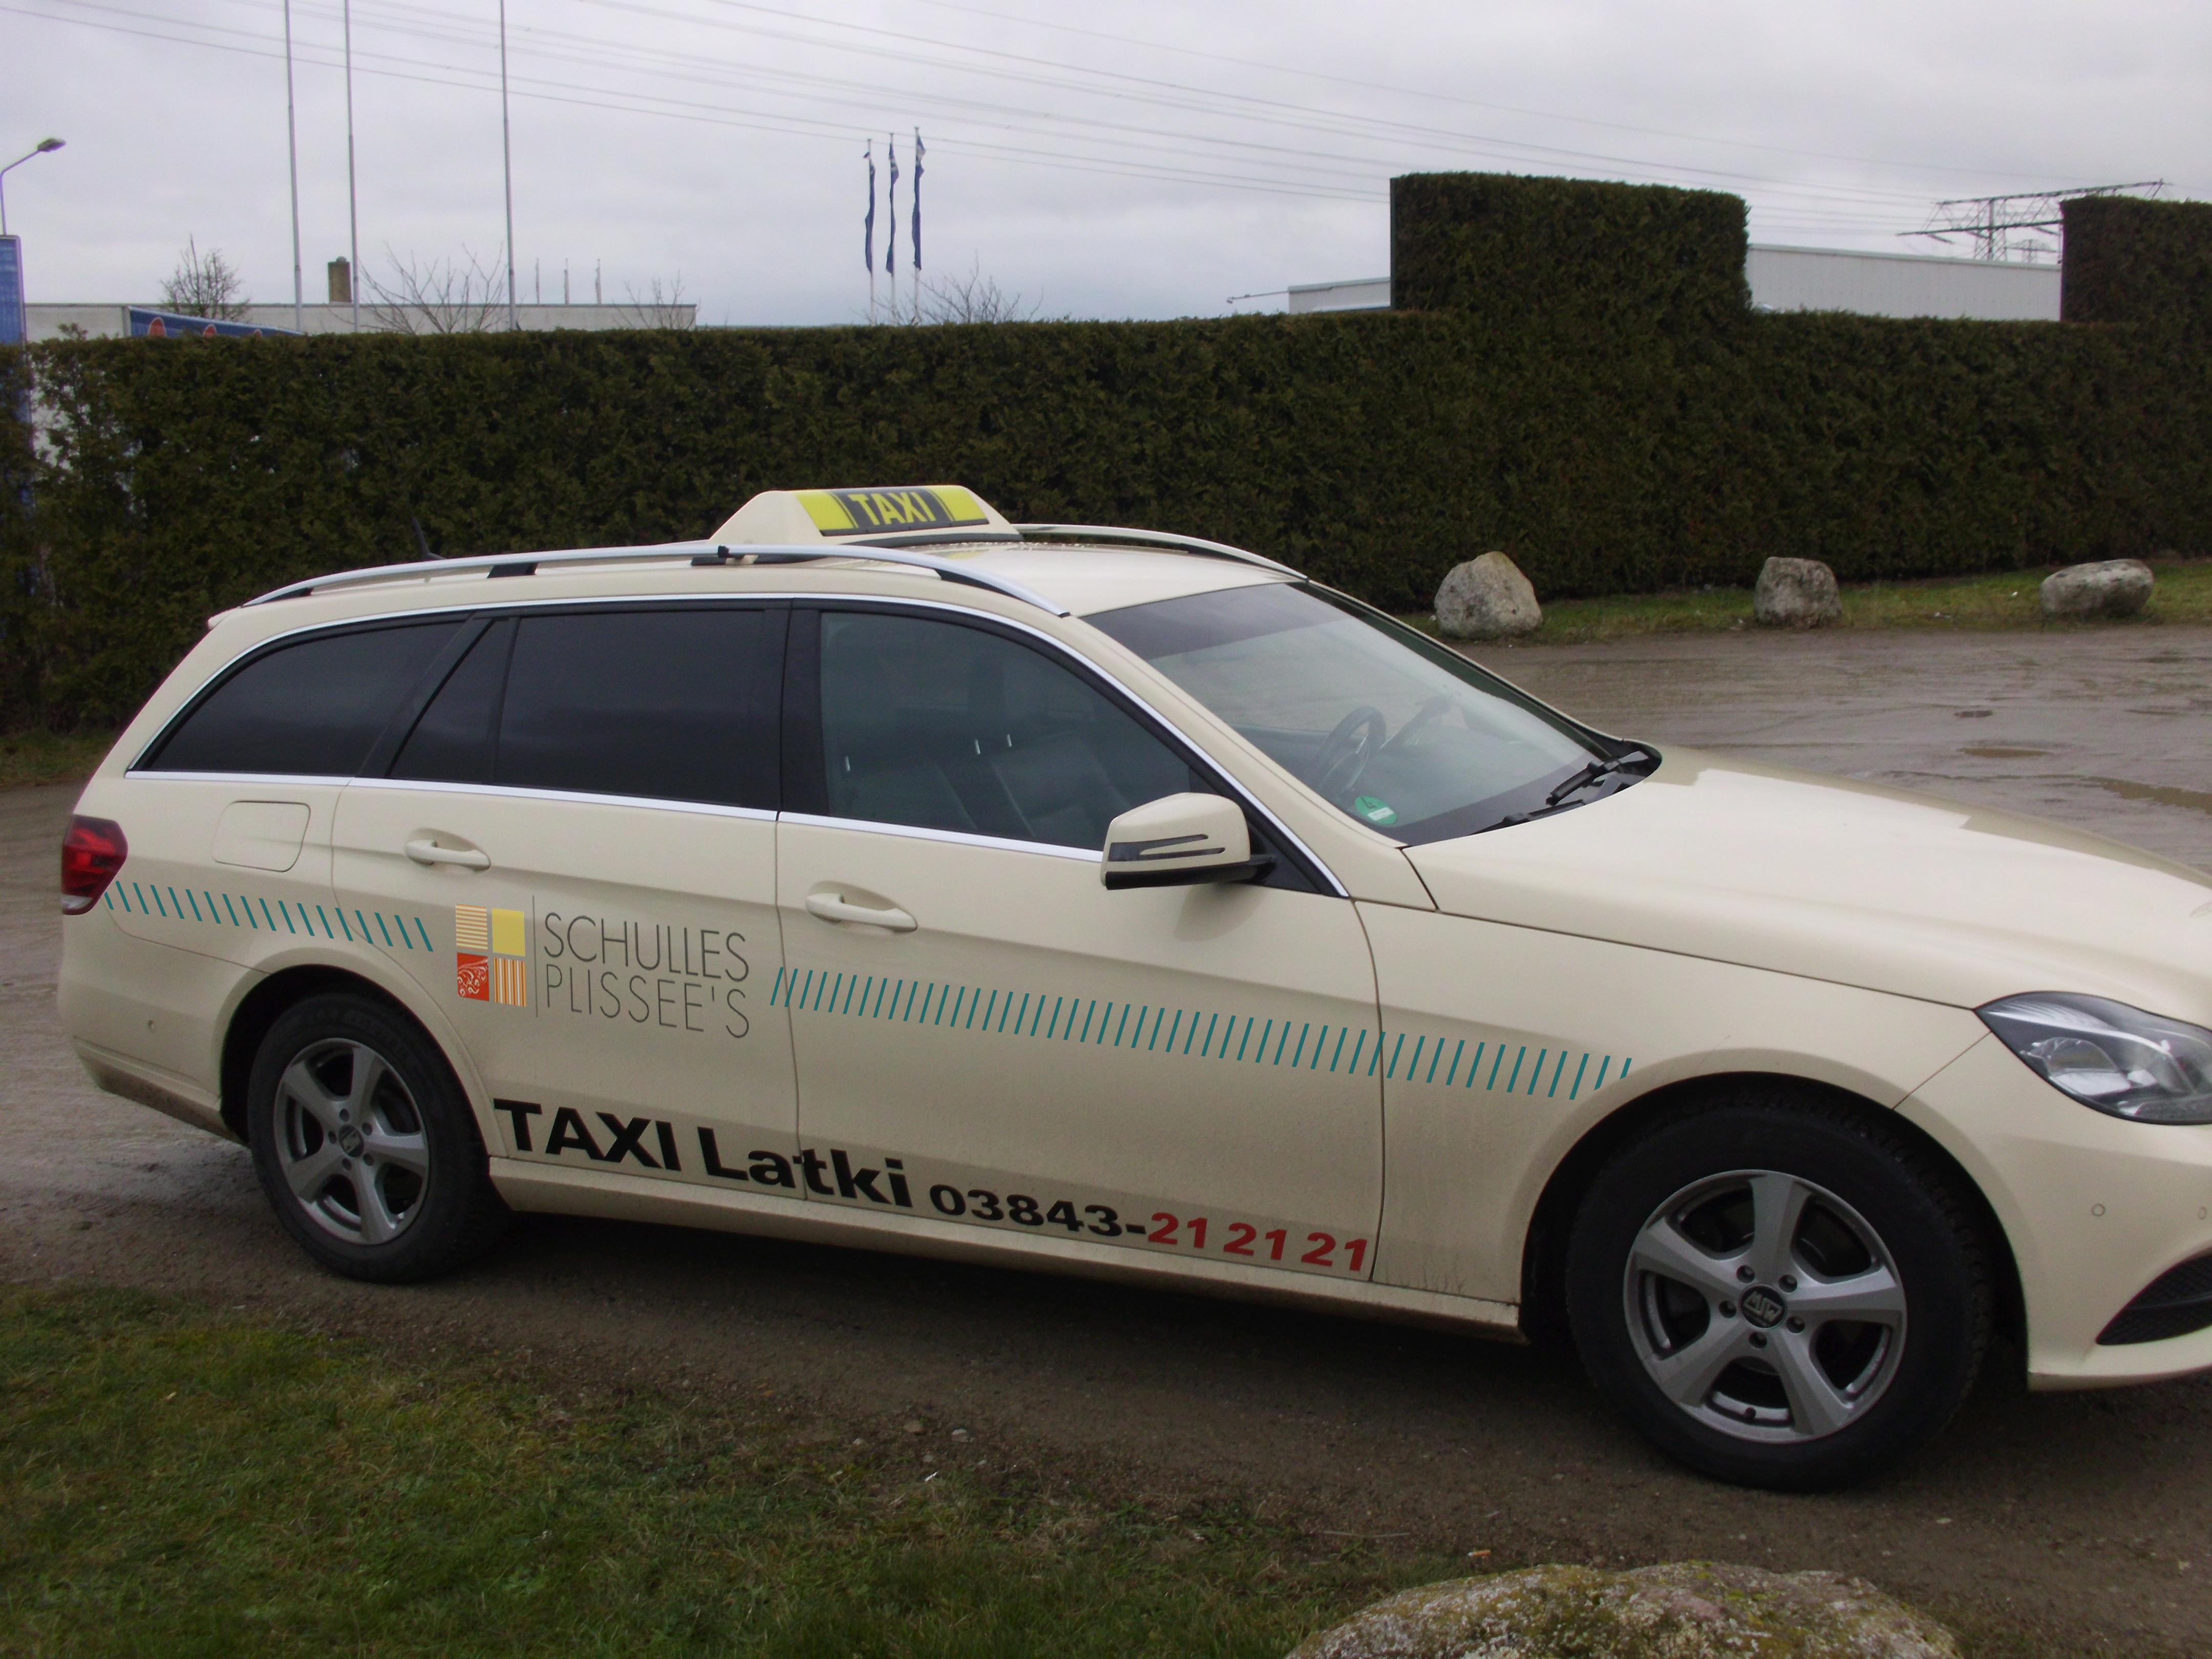 Taxi Werbung